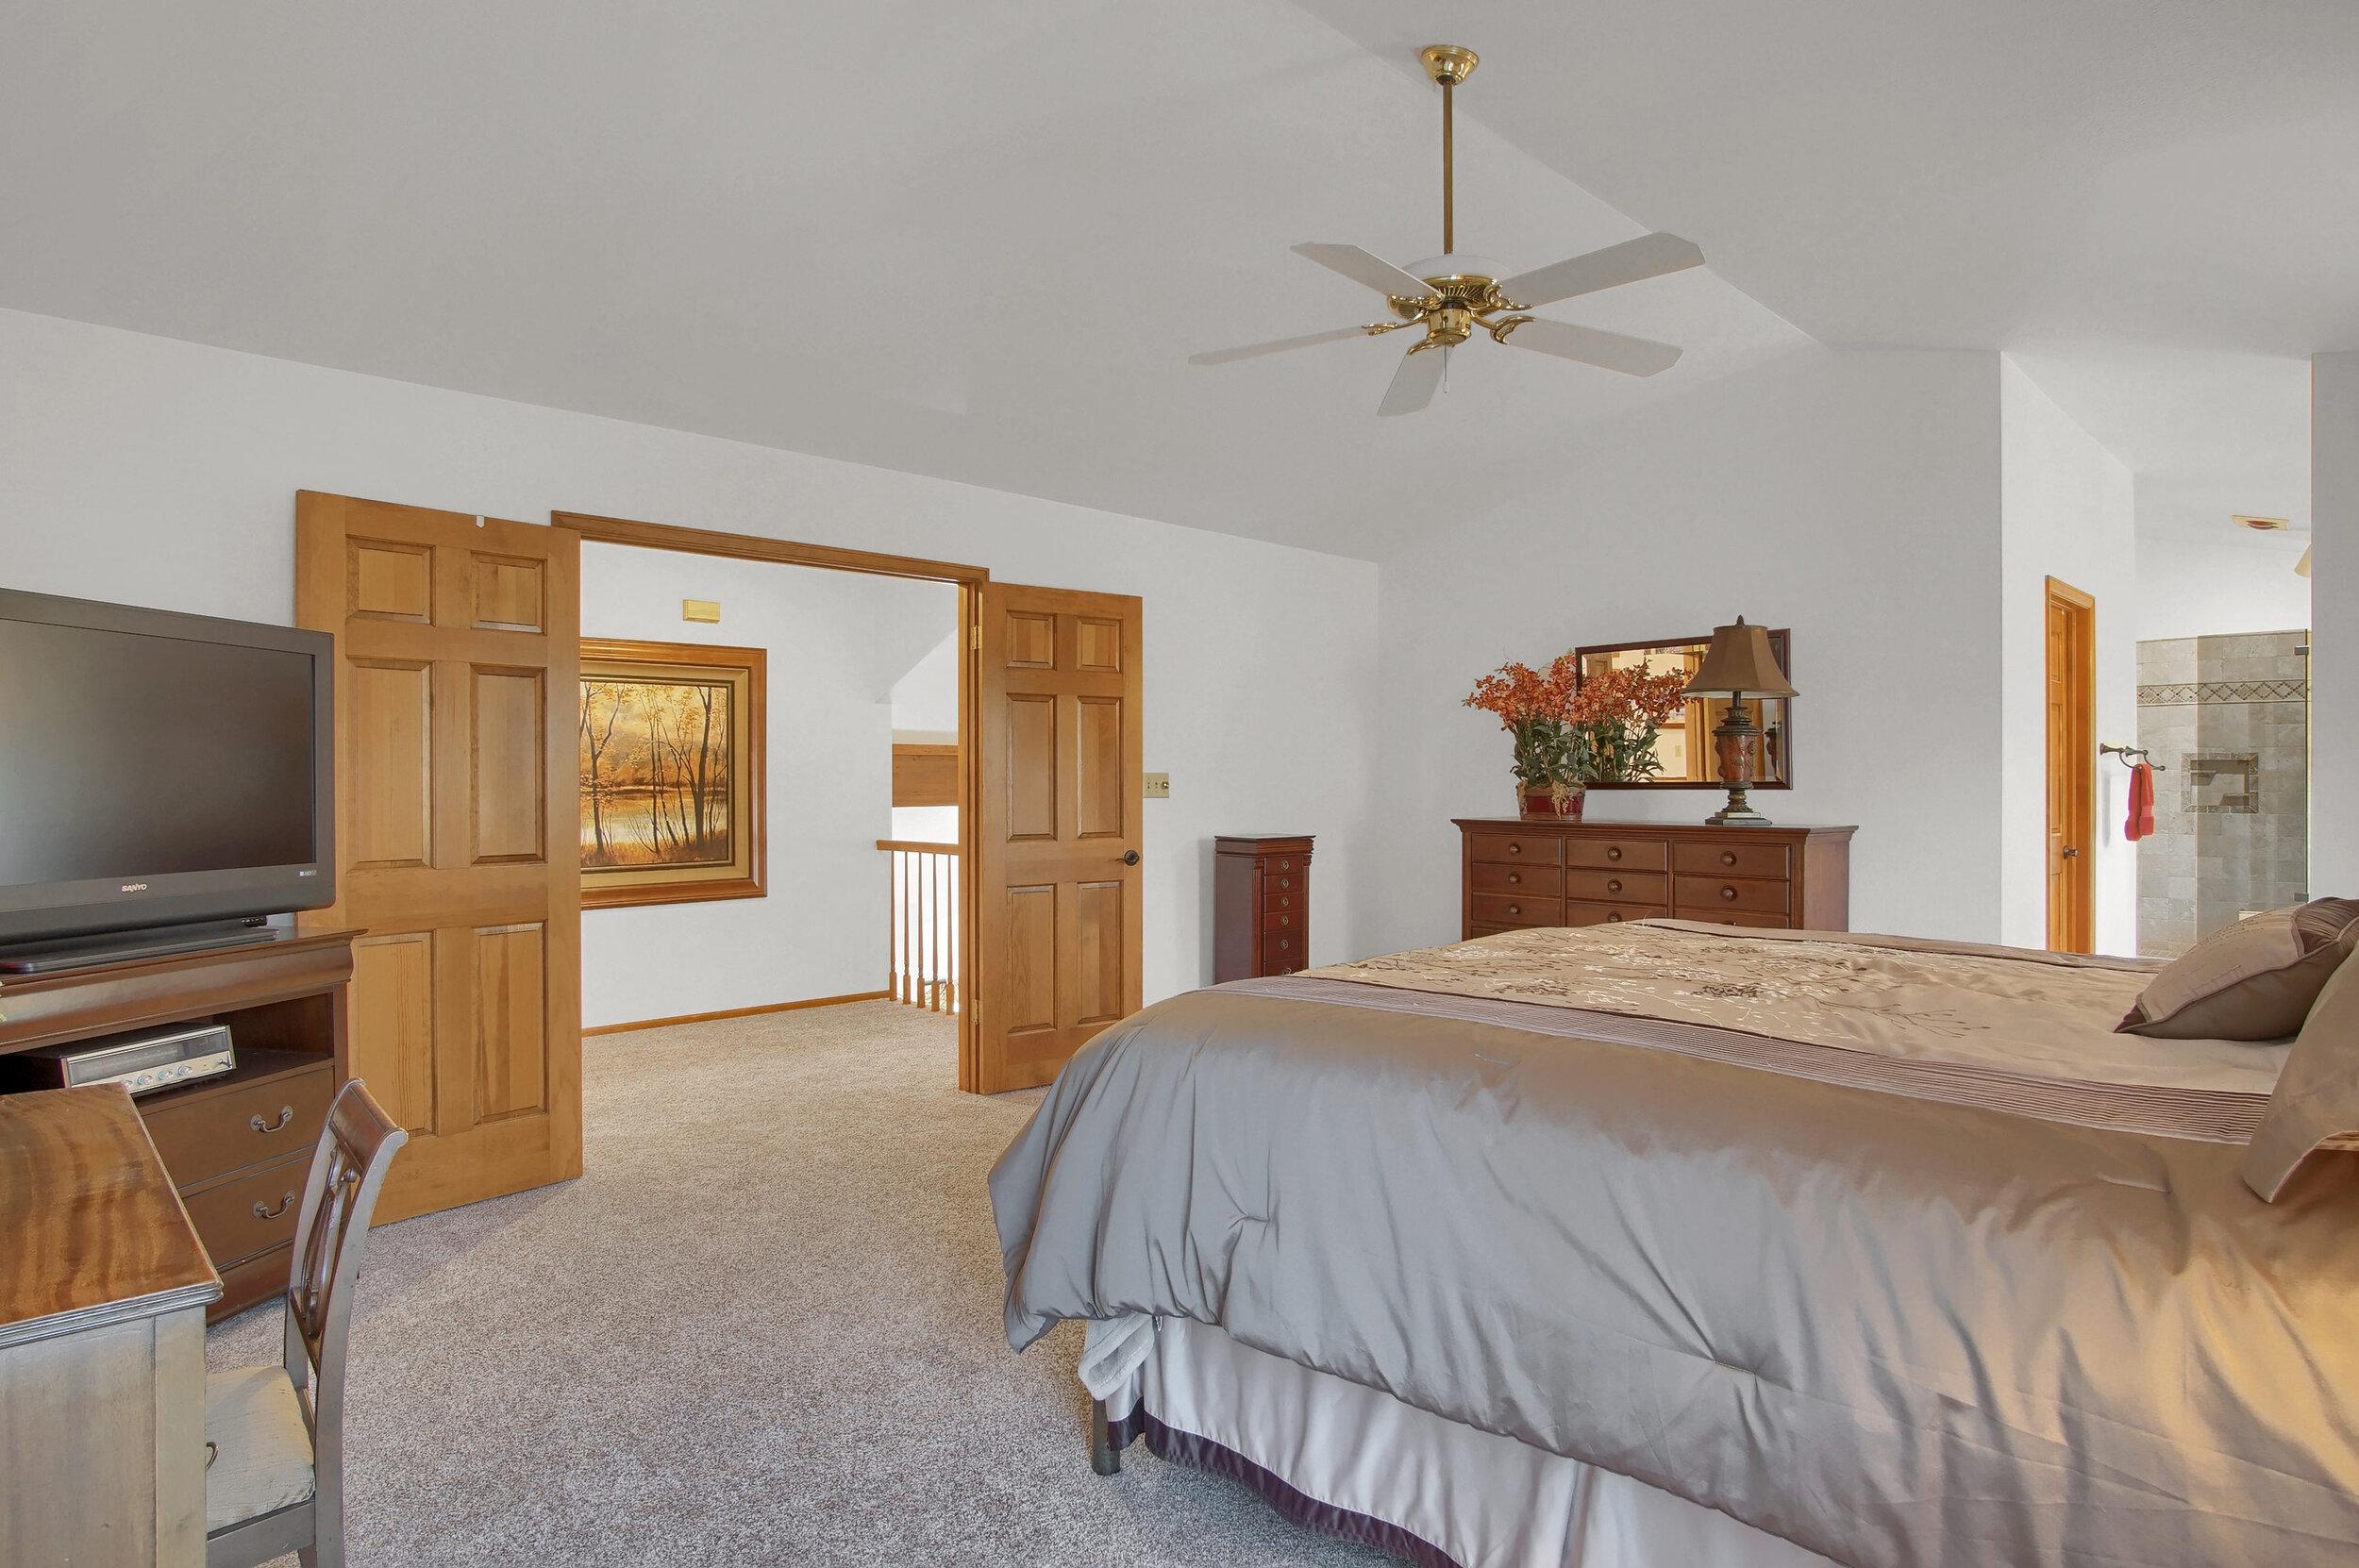 4919 Nightshade Cir Colorado-print-035-024-Bedroom-3008x2000-300dpi.jpg